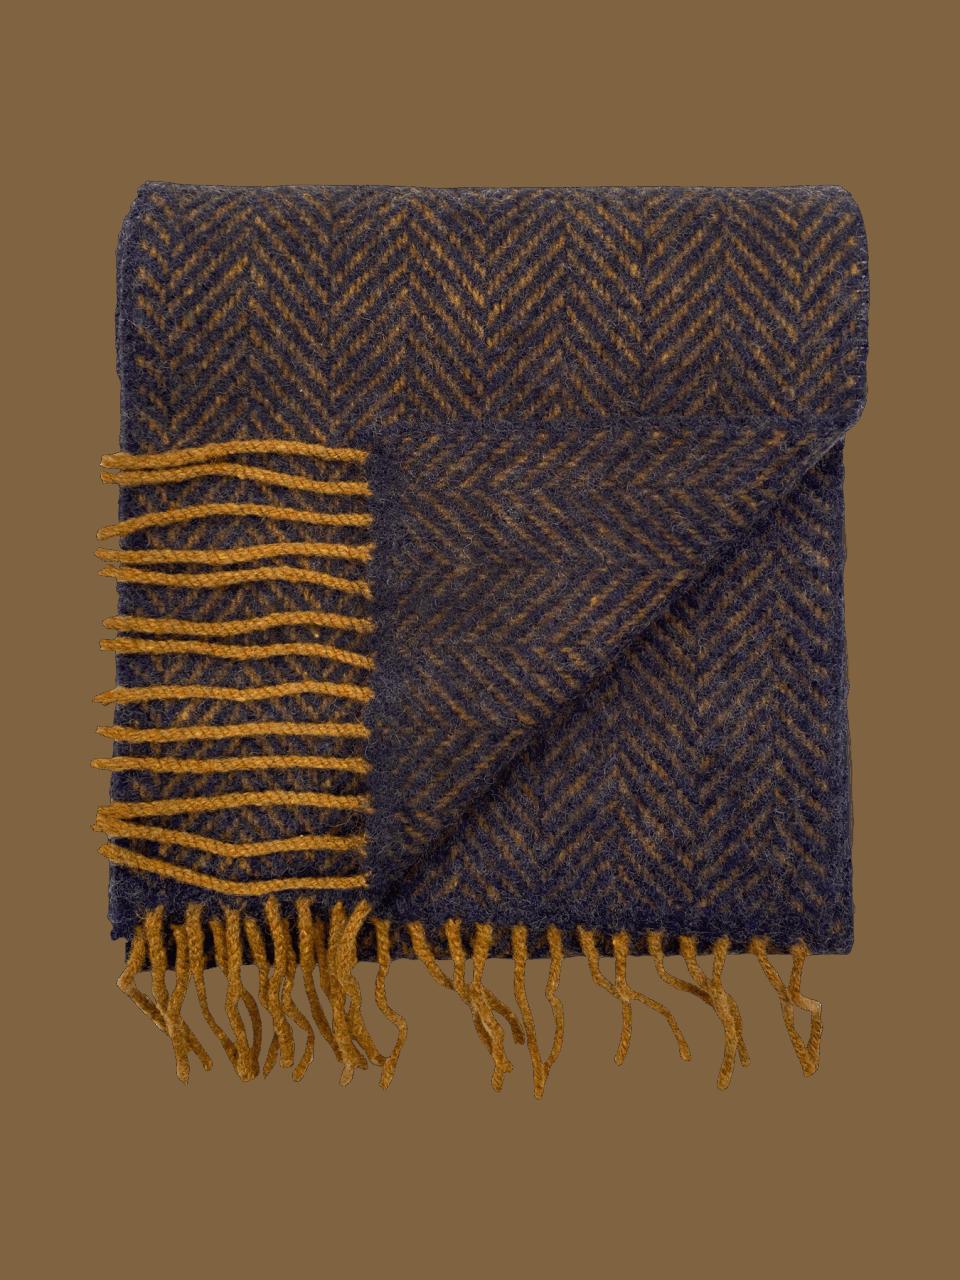 John Hanly Merino Cashmere Decke Herringbone Midnight Blue / Mustard